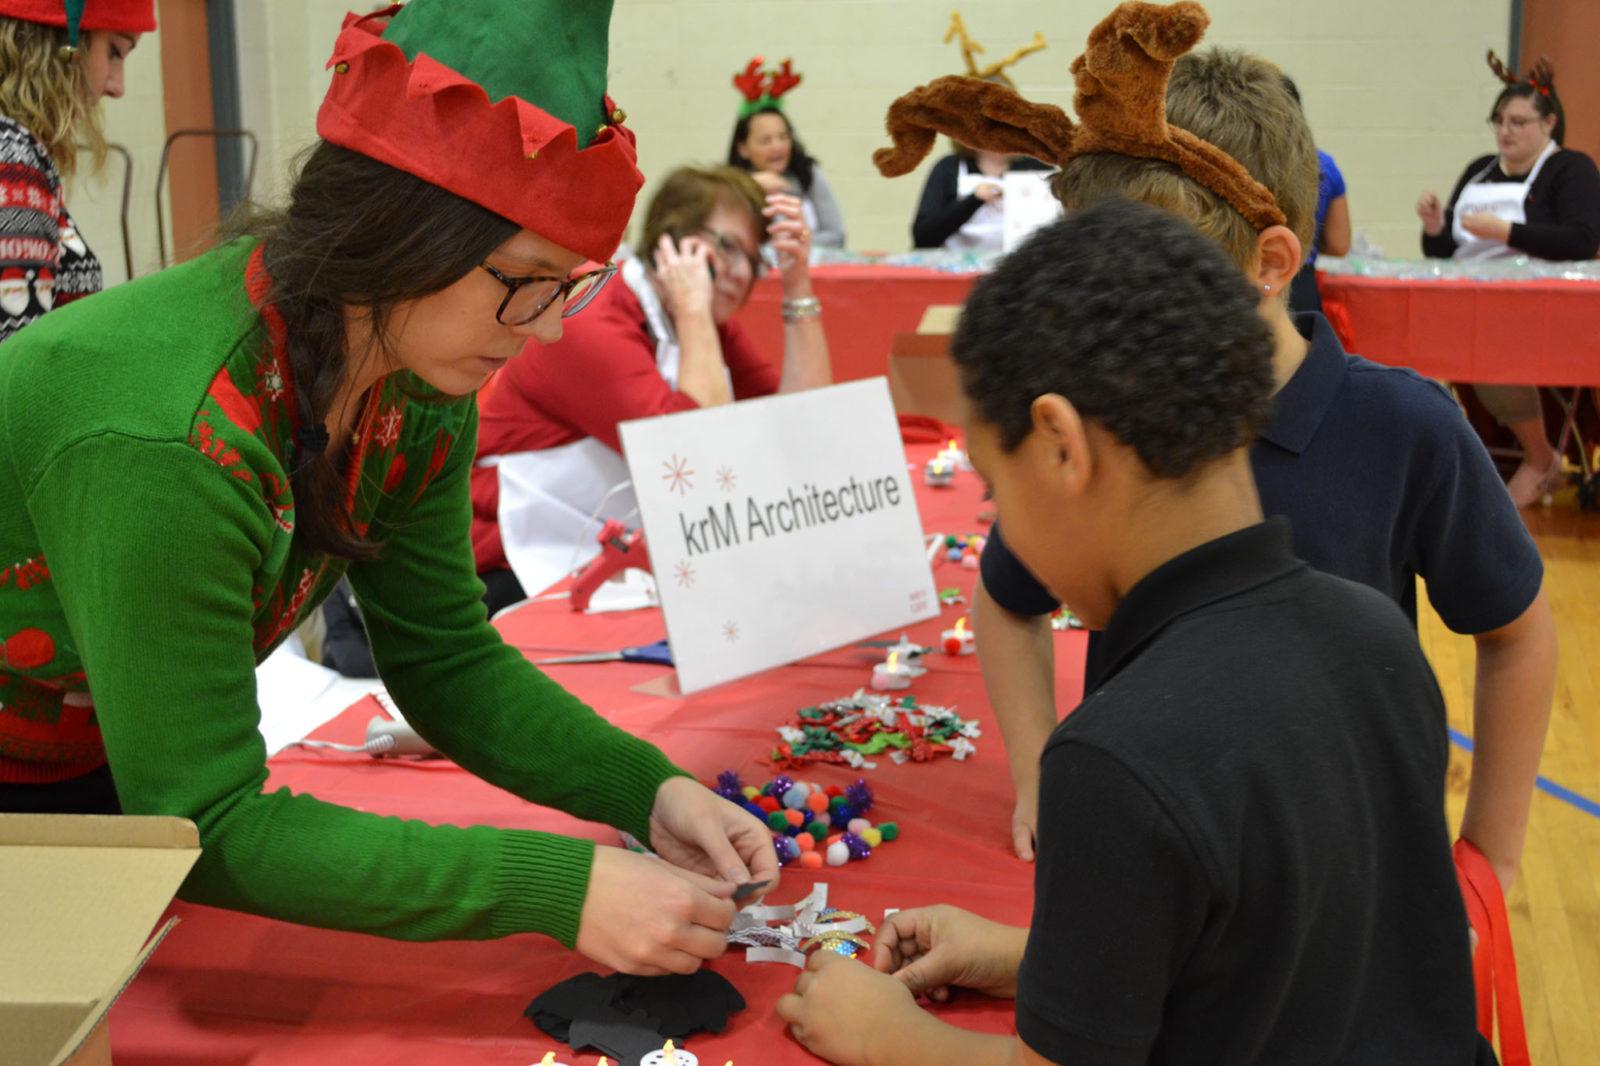 WeCare event 2018: elf volunteer helps children with craft